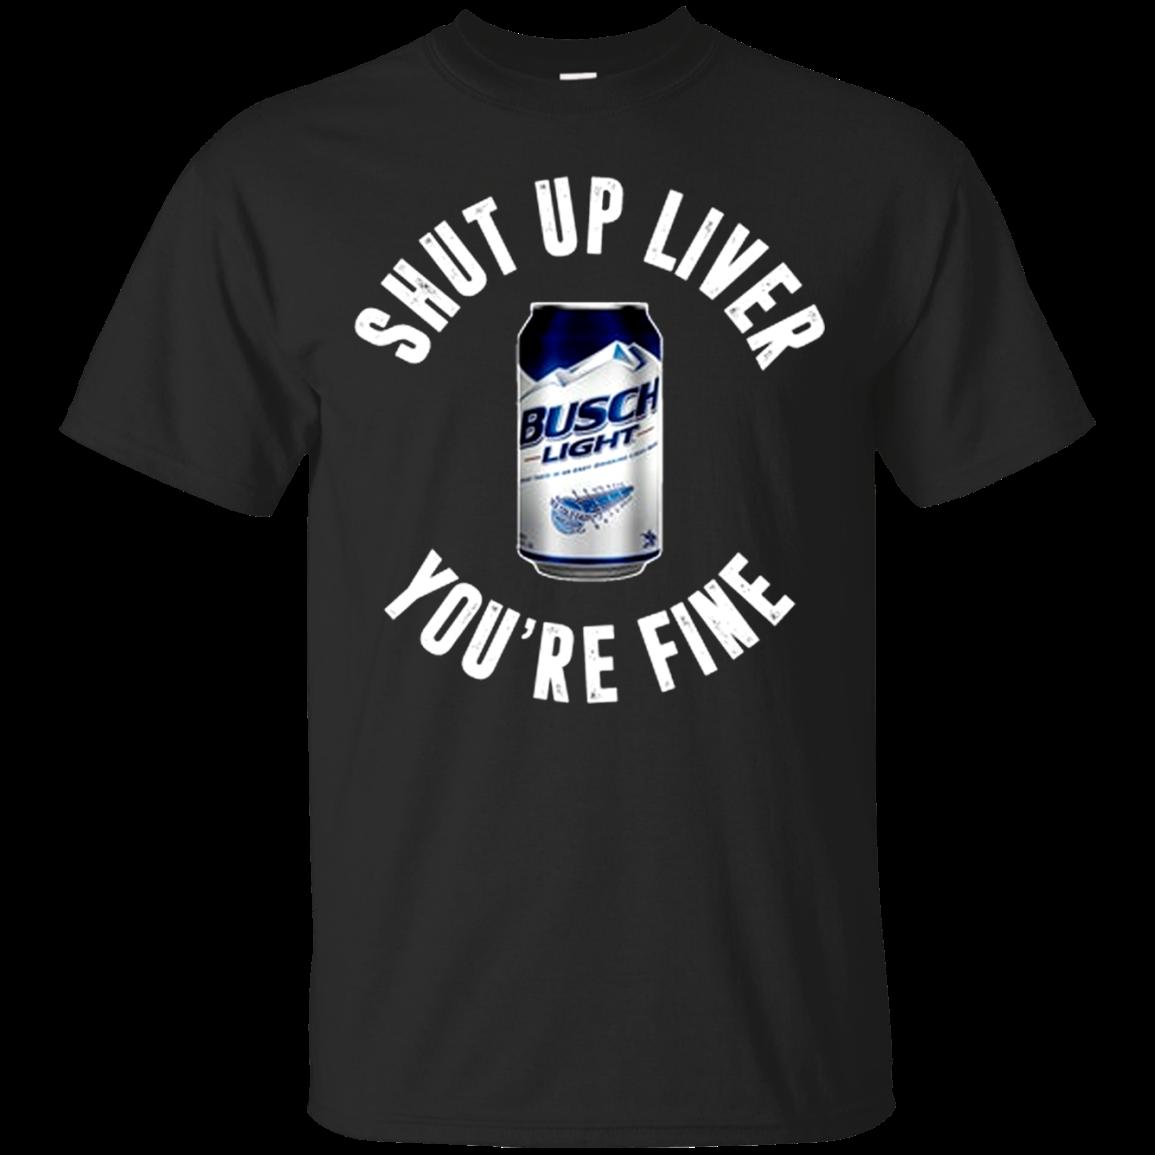 Shut up liver you're fine busch light T shirt Hoodie Sweater Men